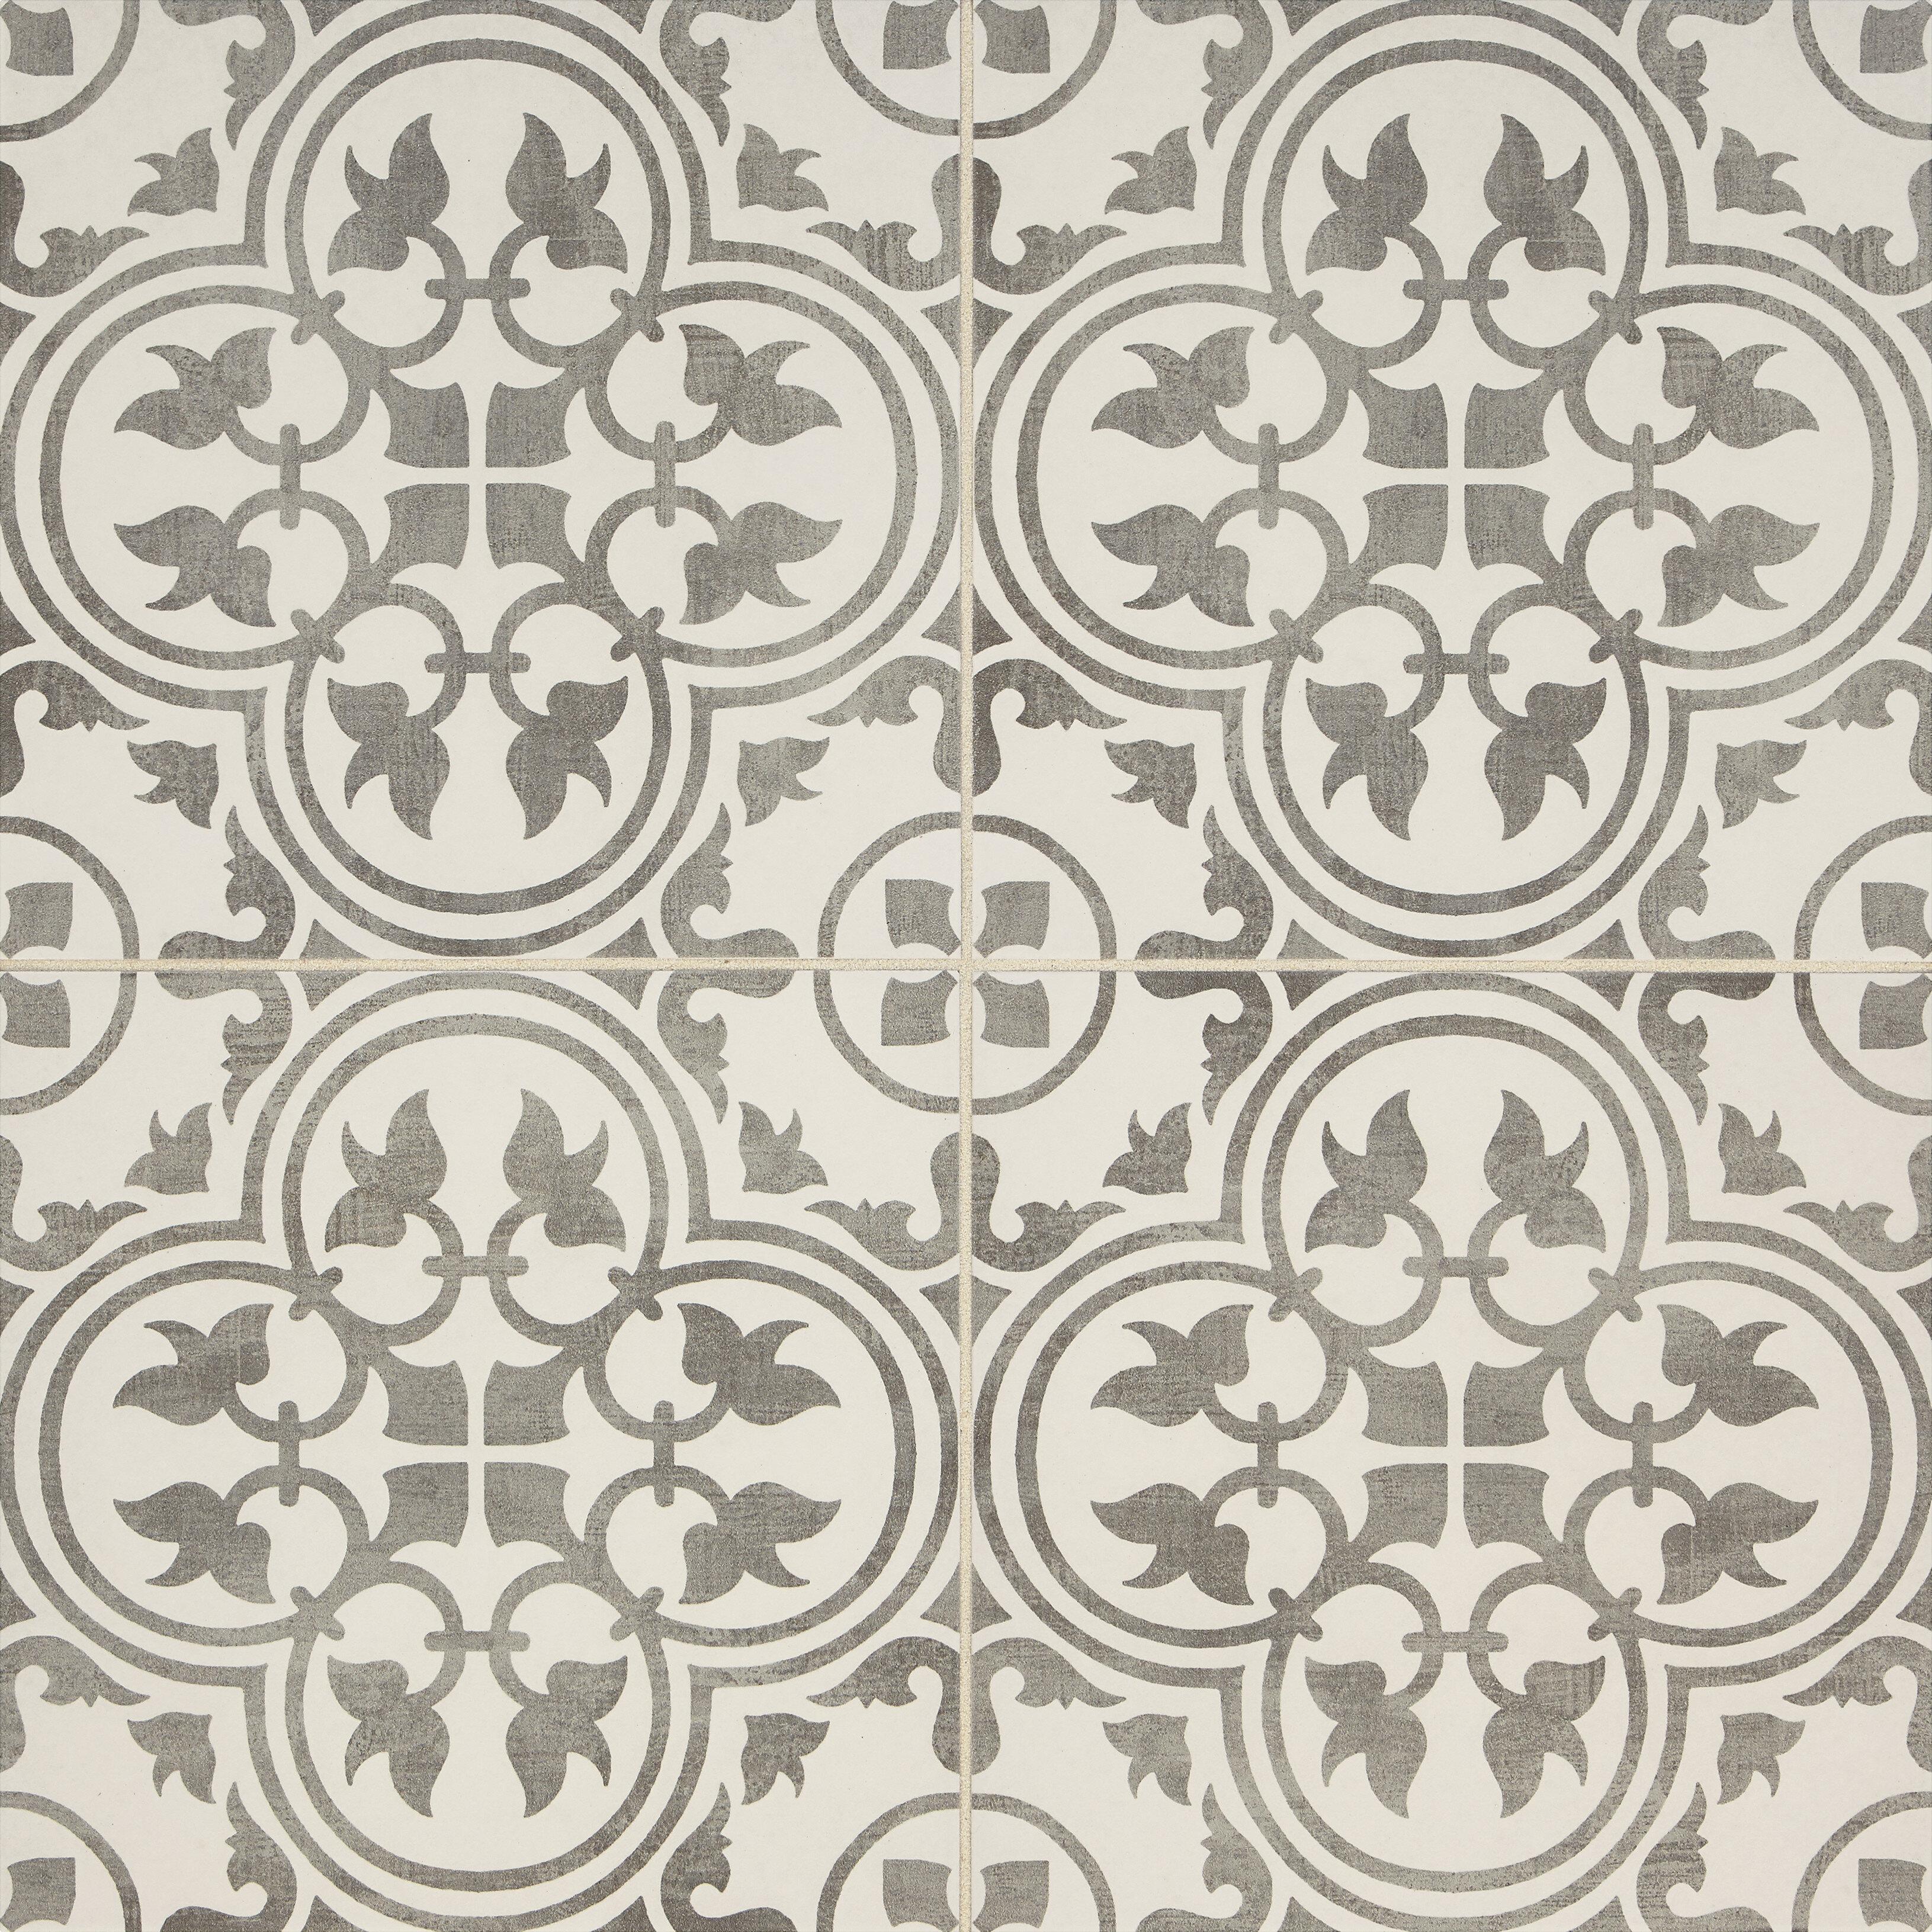 Daltile Memoir 12 X 12 Ceramic Patterned Wall Floor Tile Wayfair